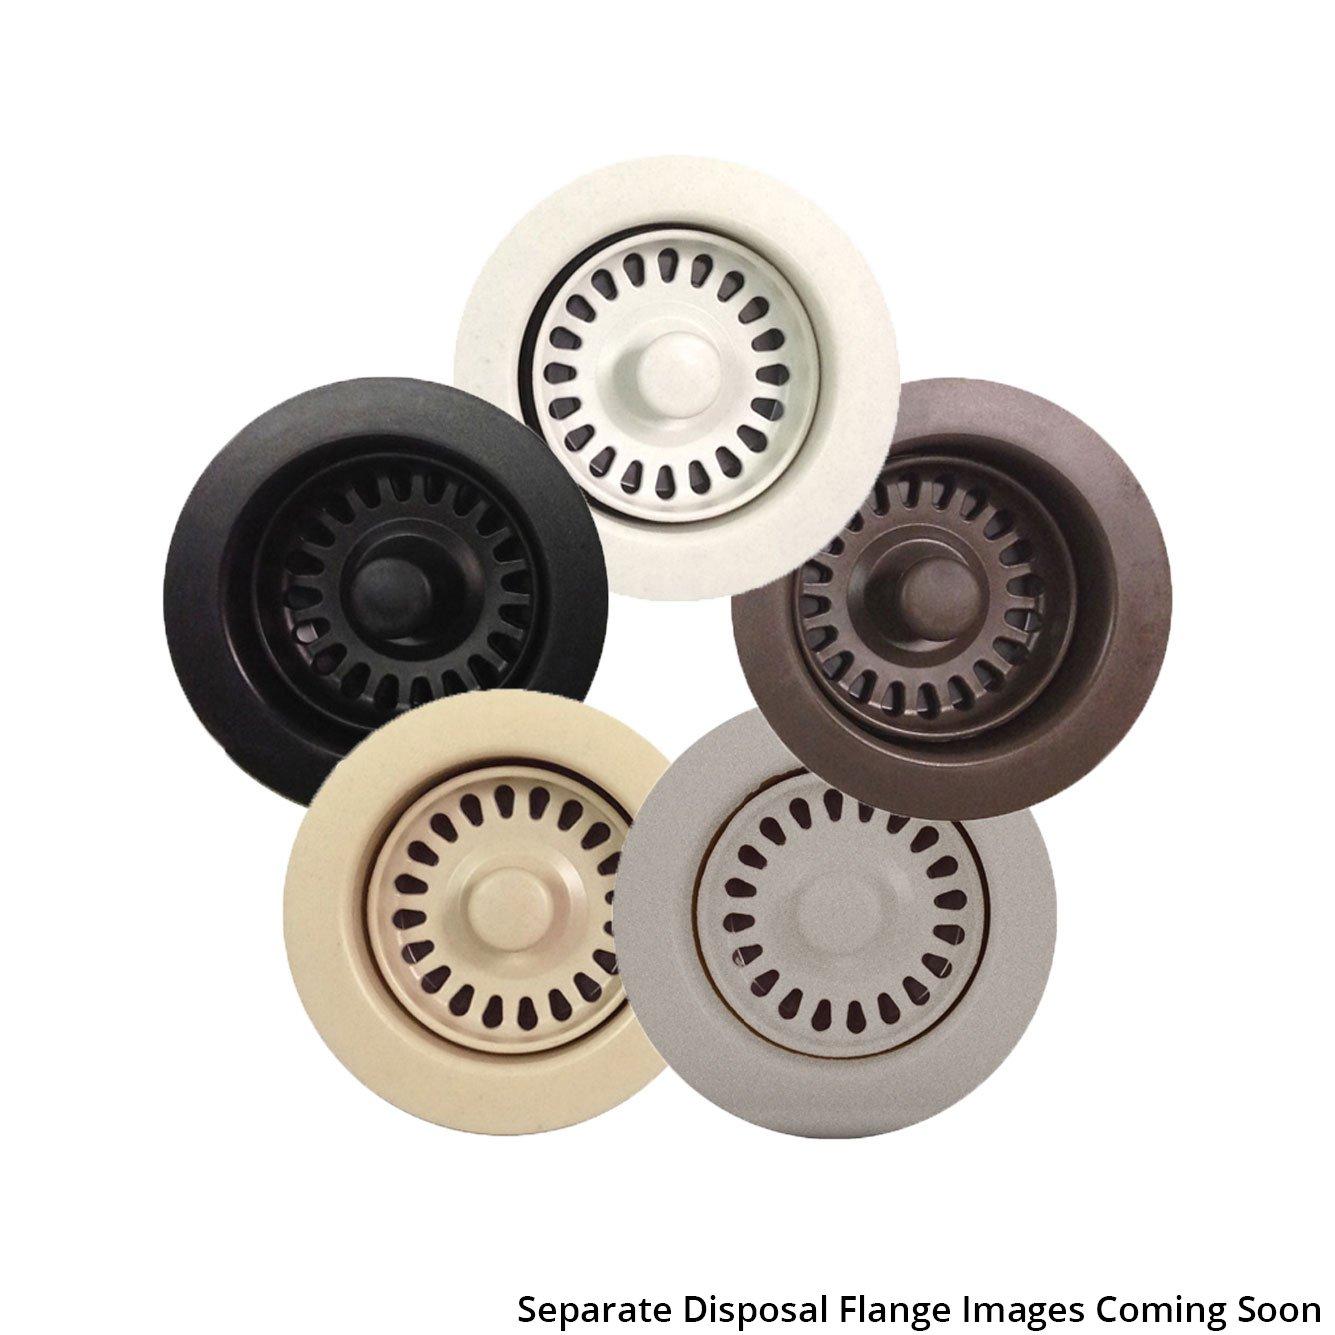 Lexicon Color Matched Disposal Flange - Concrete